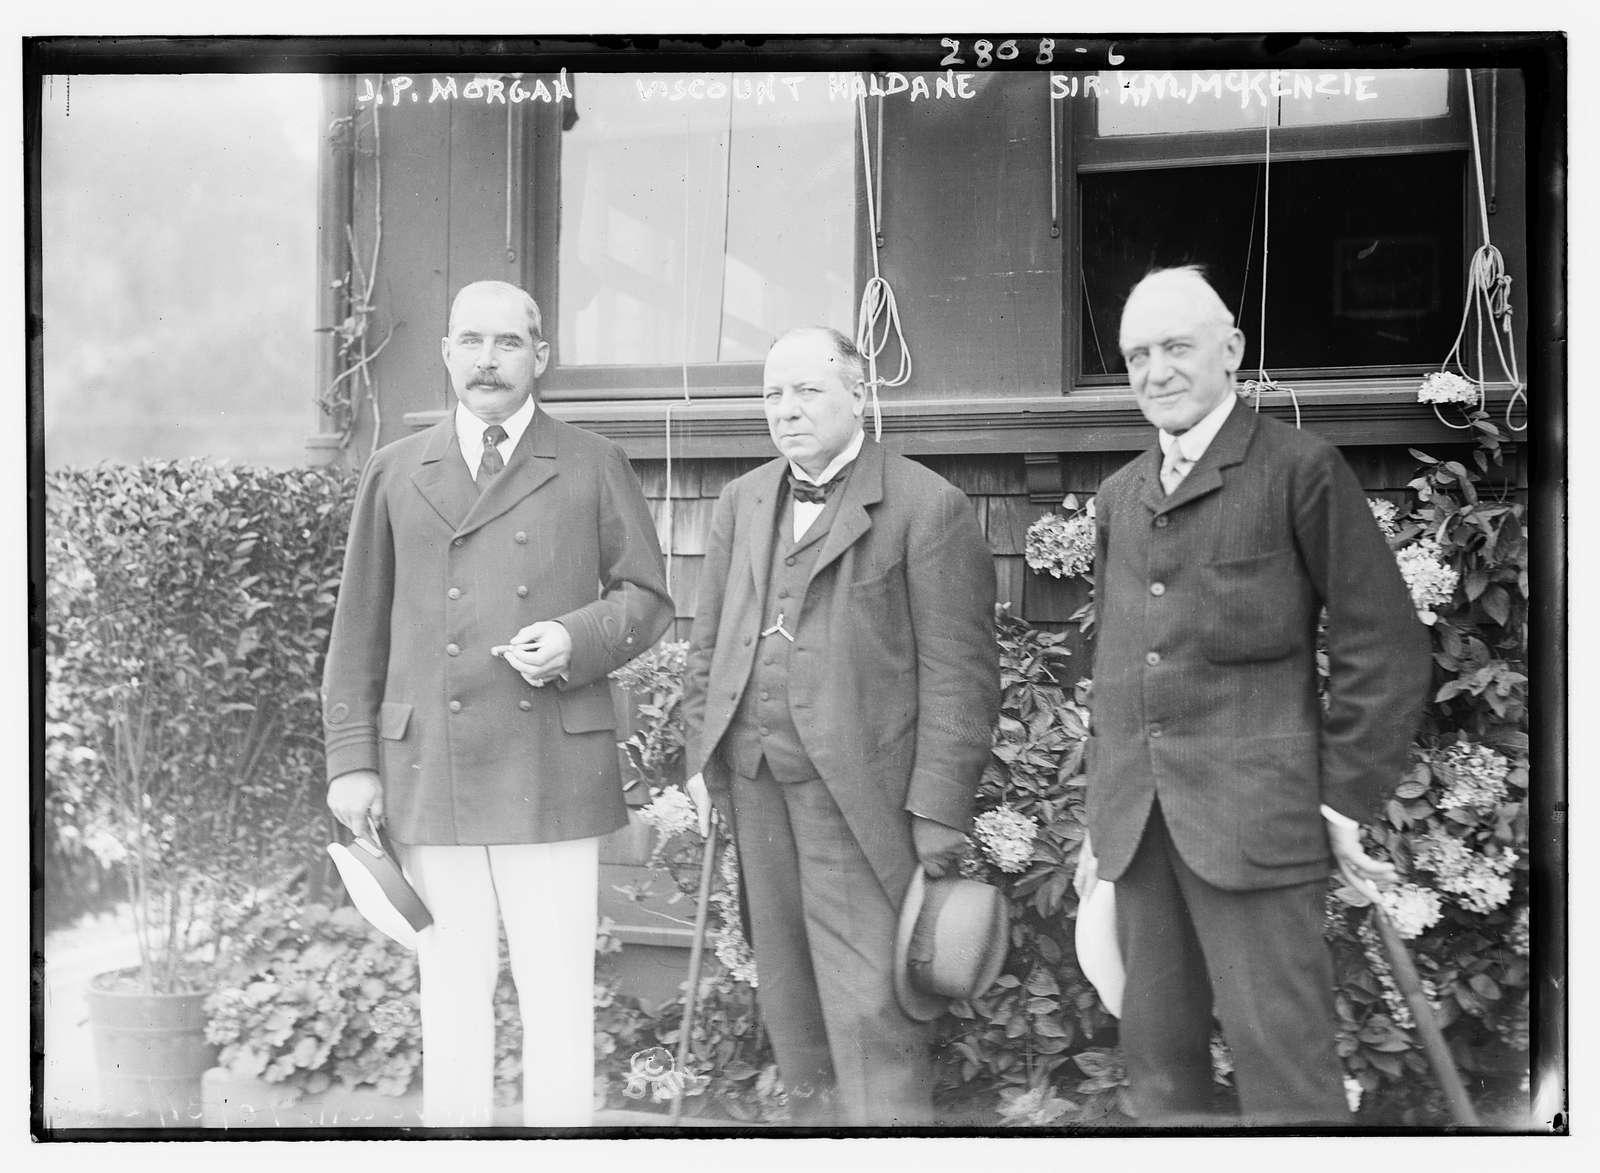 J.P. Morgan, Viscount Haldane, and Sir K.M. McKenzie